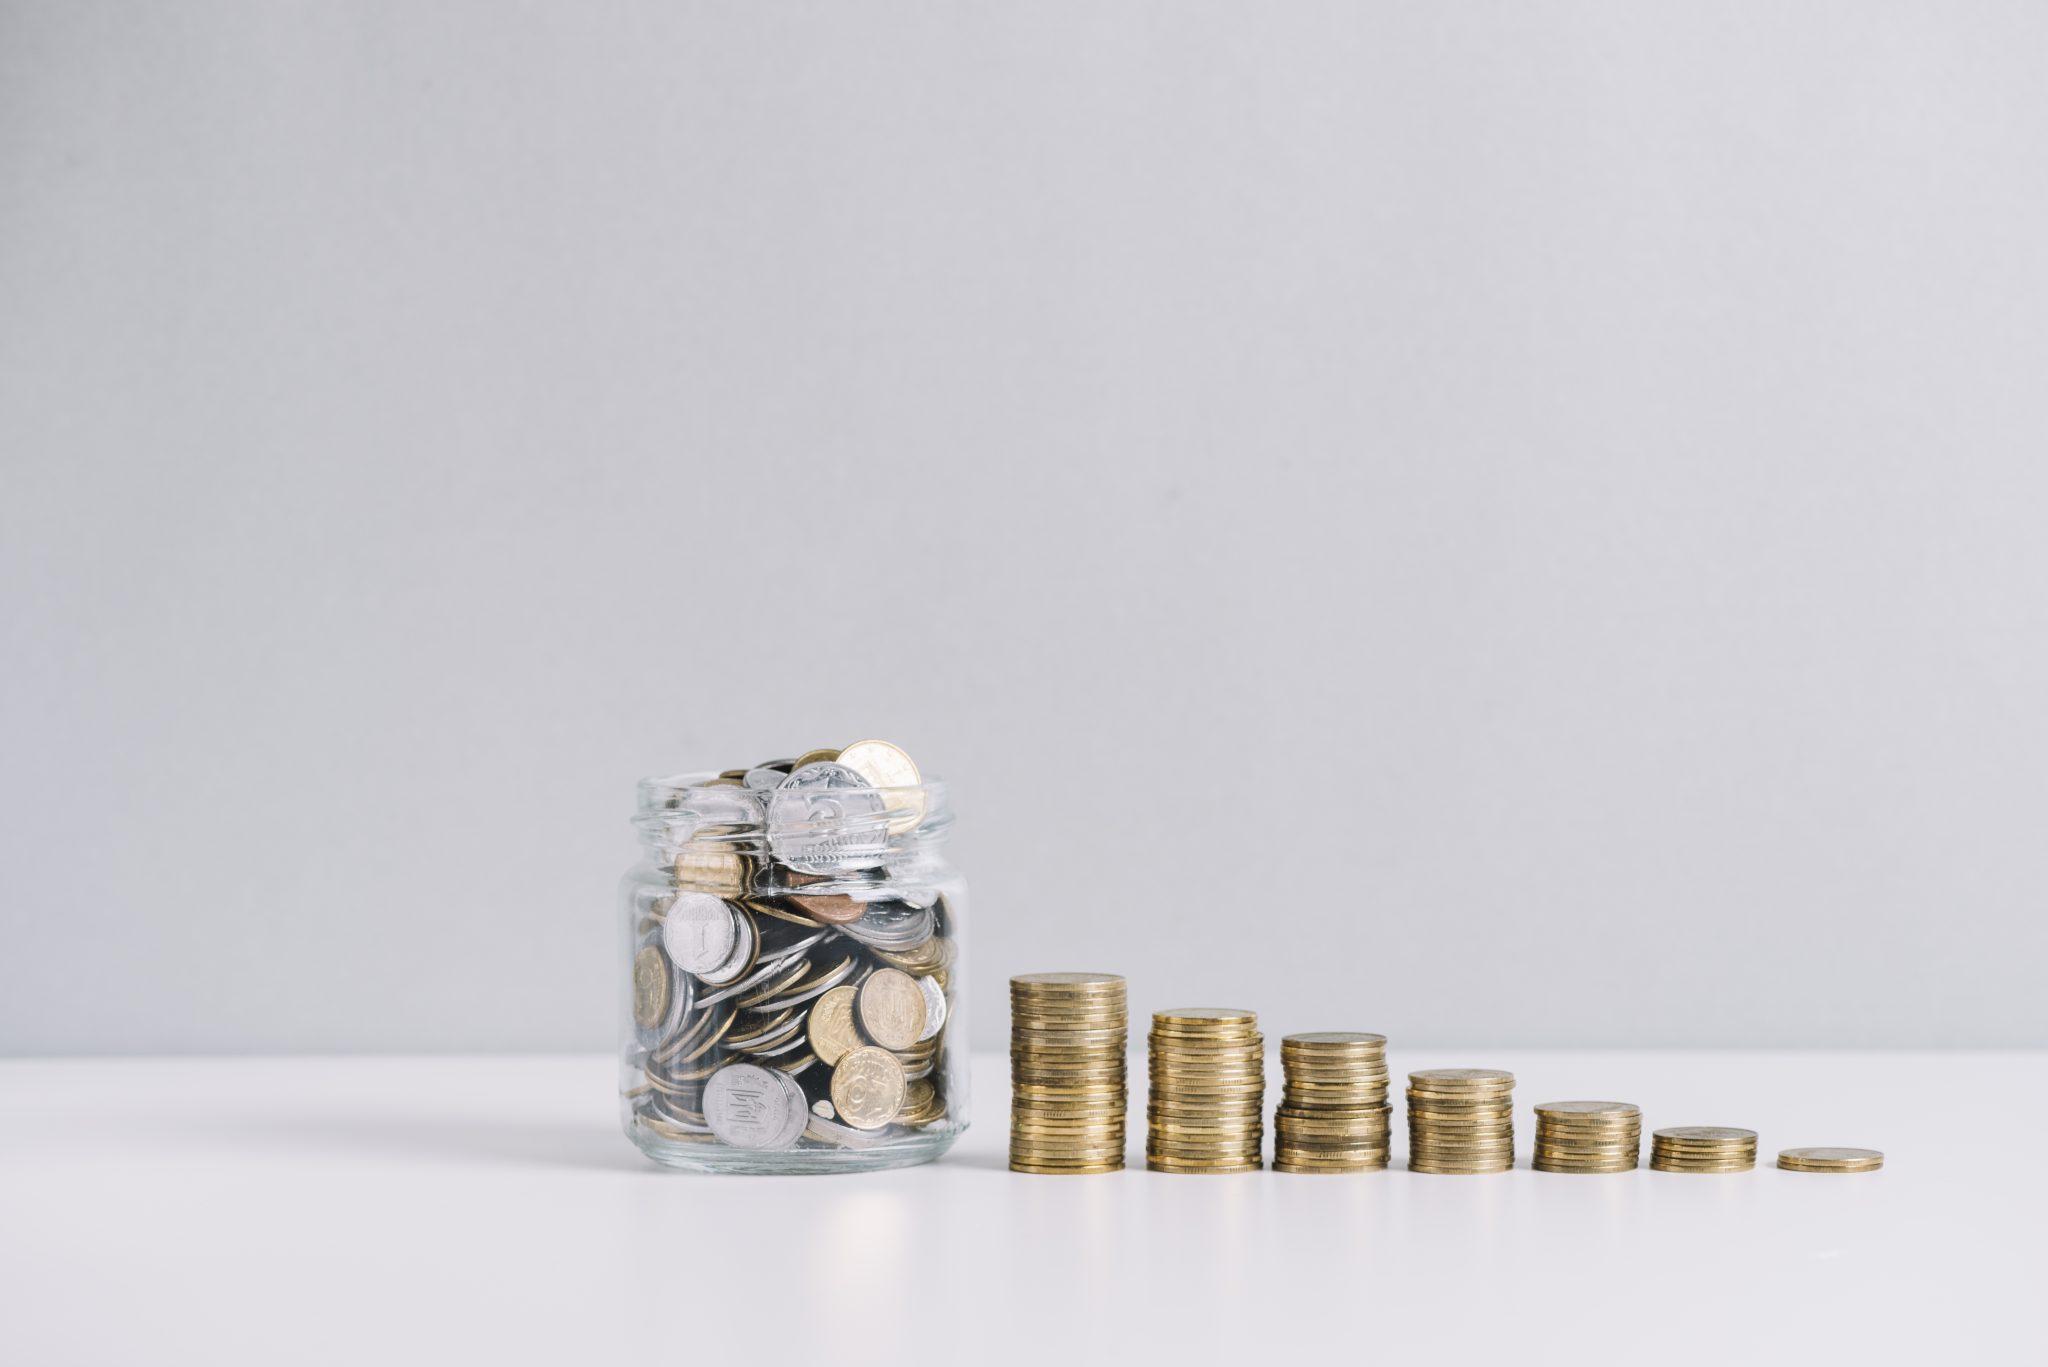 הלוואה על חשבון קרן ההשתלמות